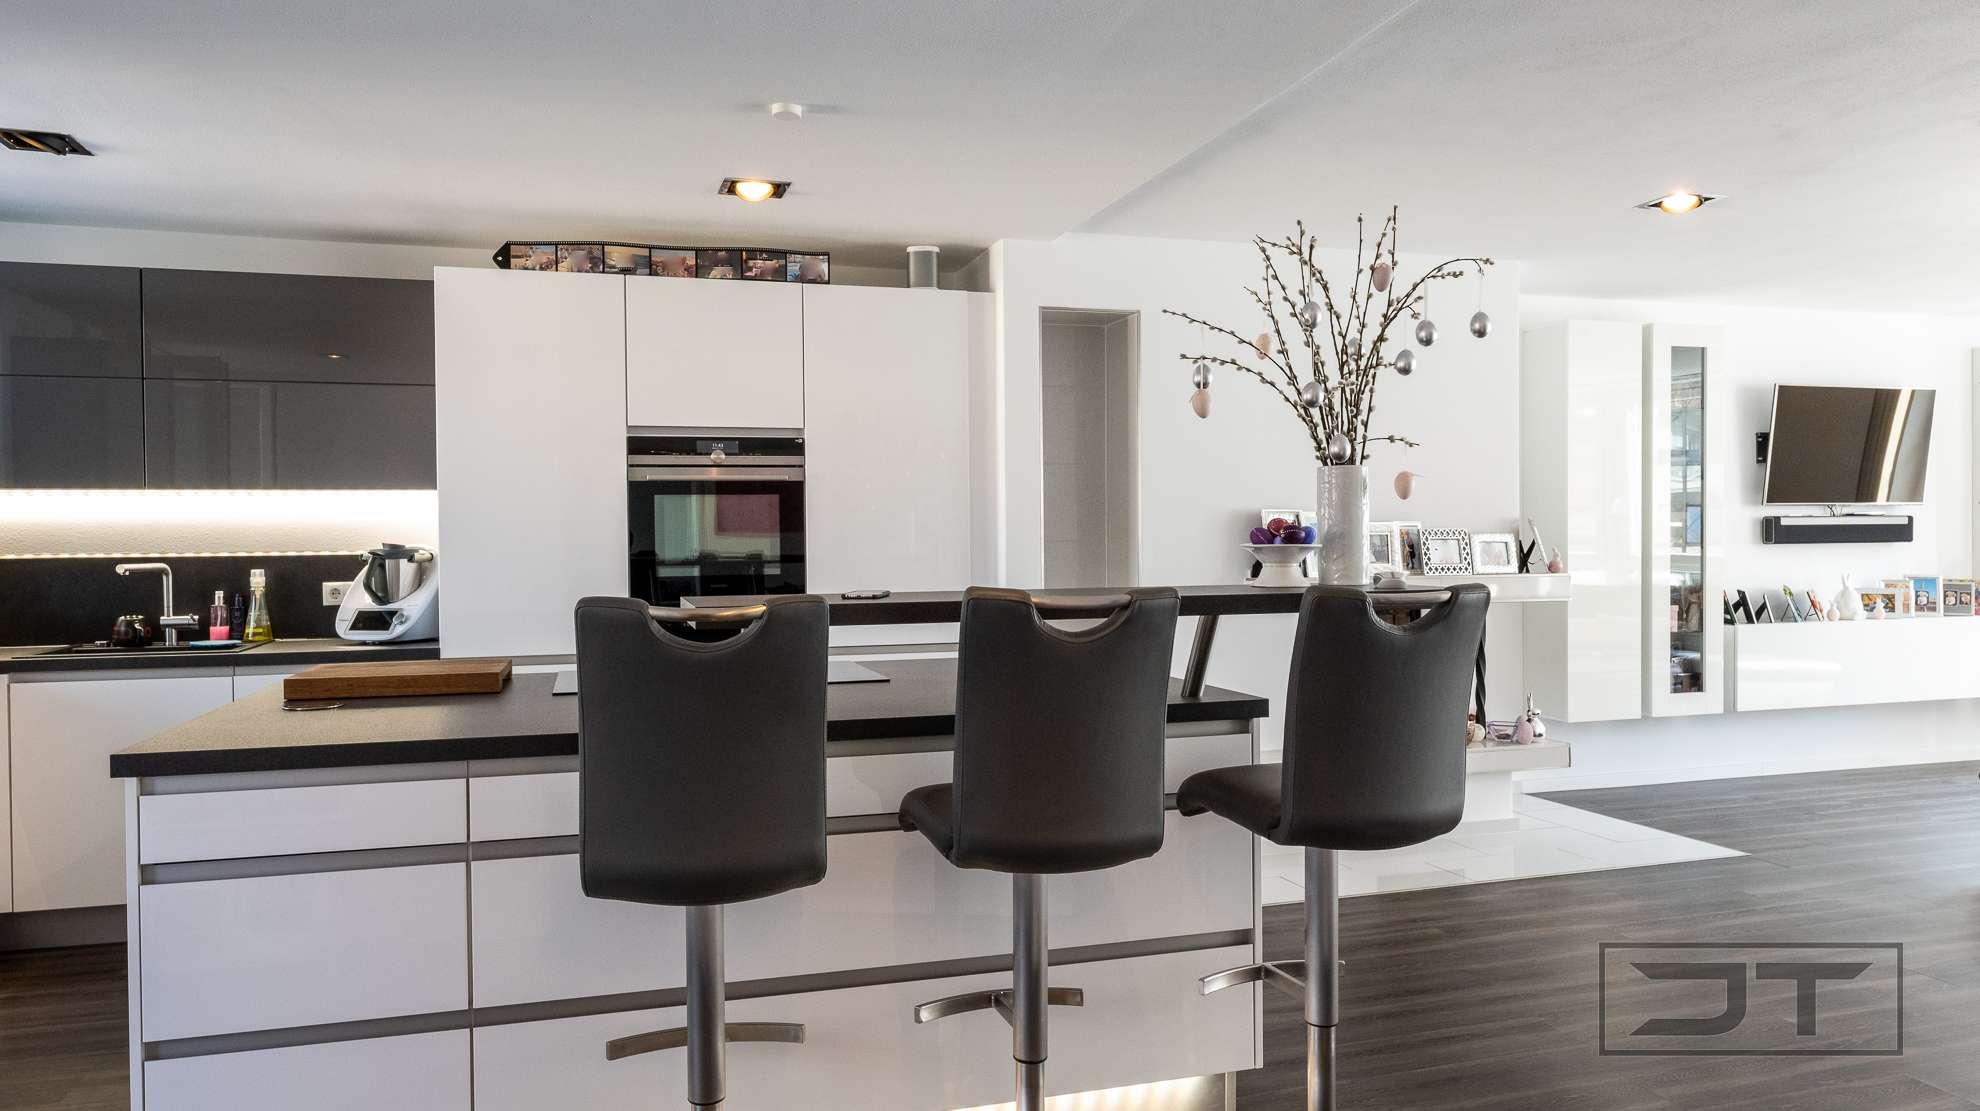 Kernsanierte 4,5-Zimmer-Wohnung im Bayreuther Zentrum mit Balkon, Kamin und offenem Schnitt!